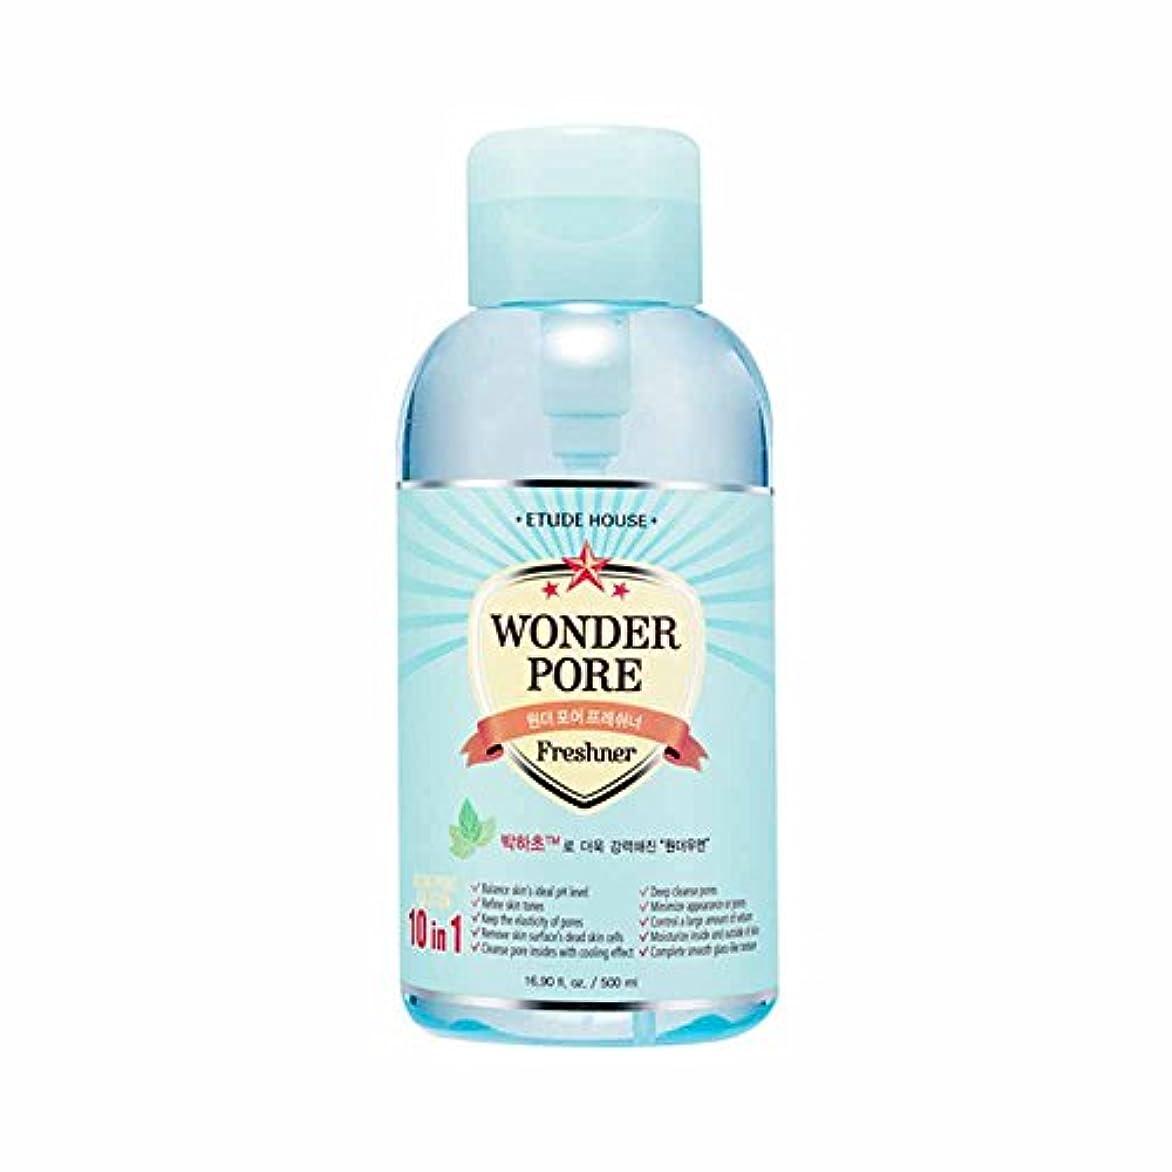 宣教師謎めいた請願者(3 Pack) ETUDE HOUSE Wonder Pore Freshner 10 in 1,500 mL (並行輸入品)